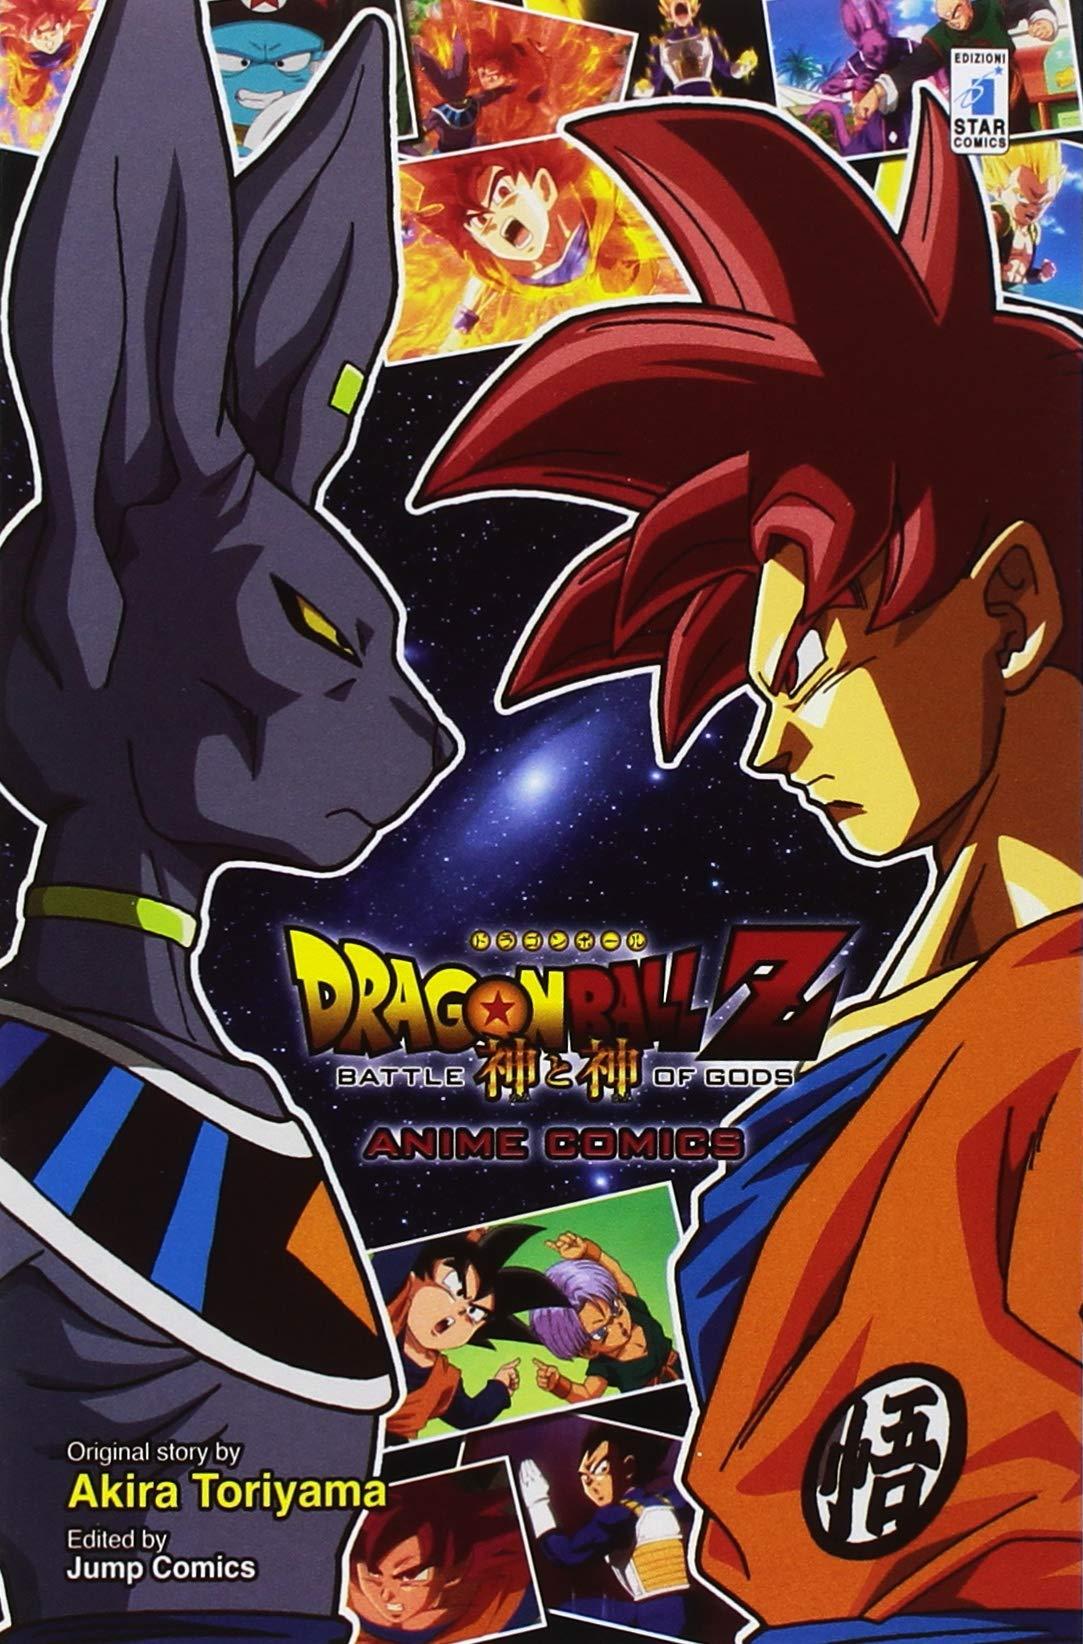 Dragon Ball Z: La Battaglia degli Dei - Anime Comics